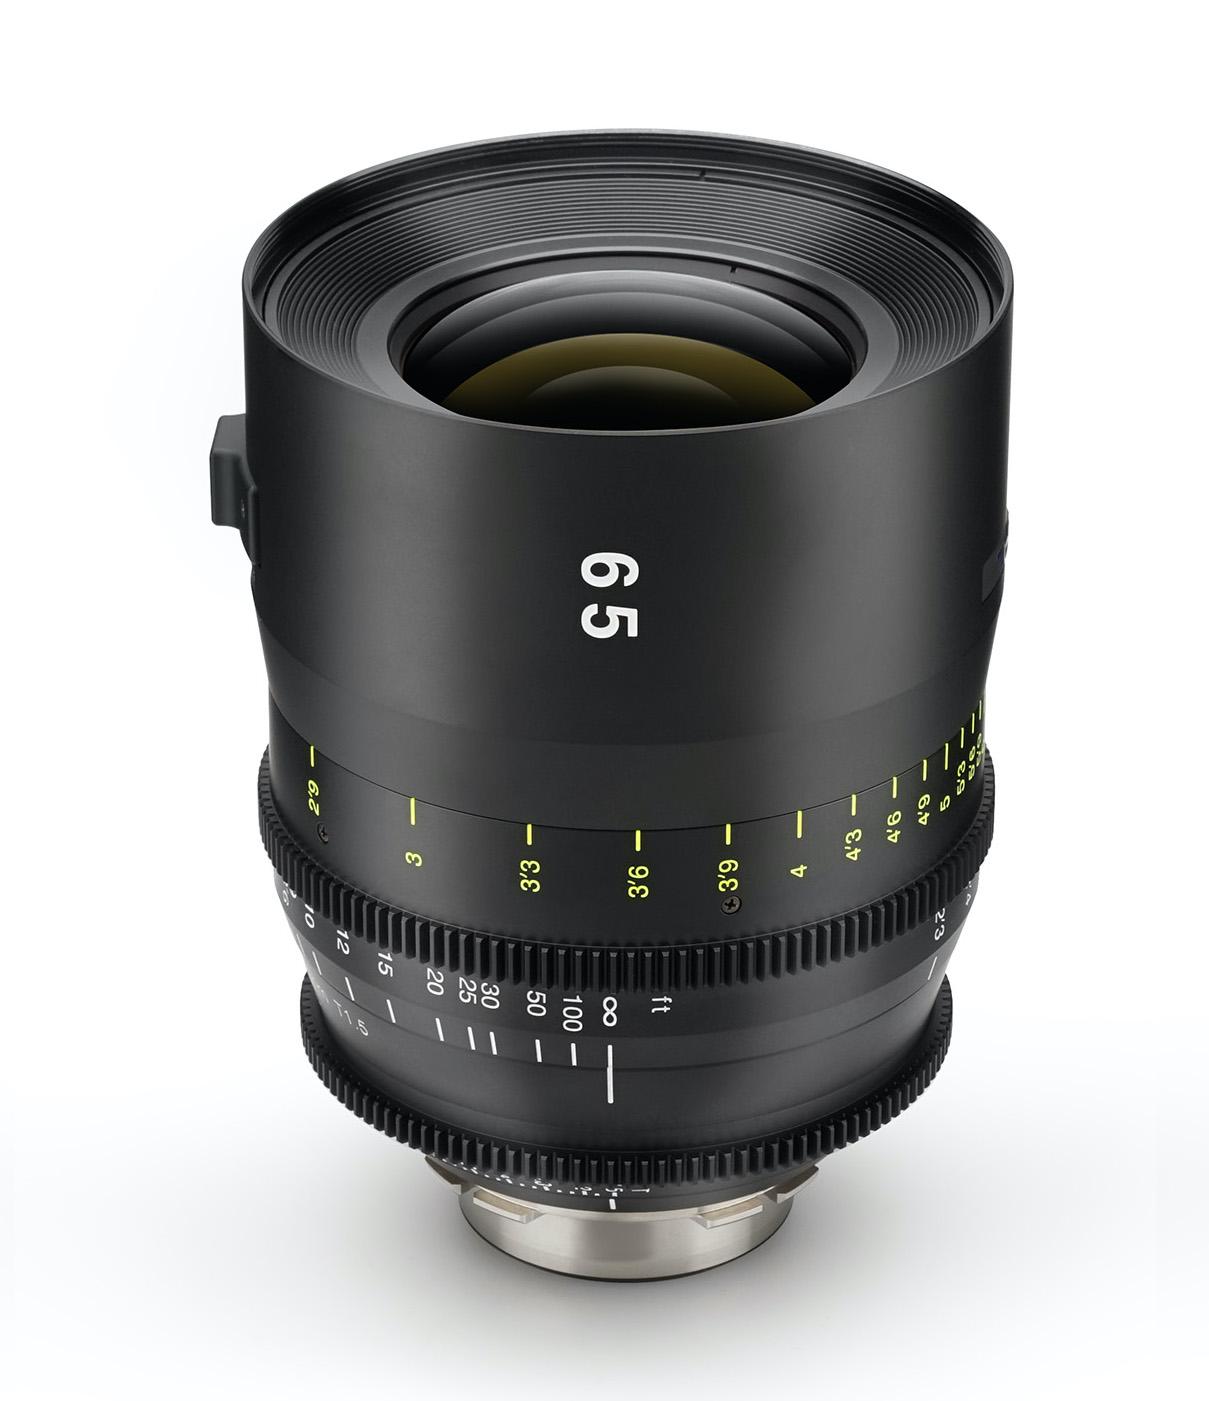 The Tokina 65mm T1.5 Cinema Vista lens. Image: Tokina.